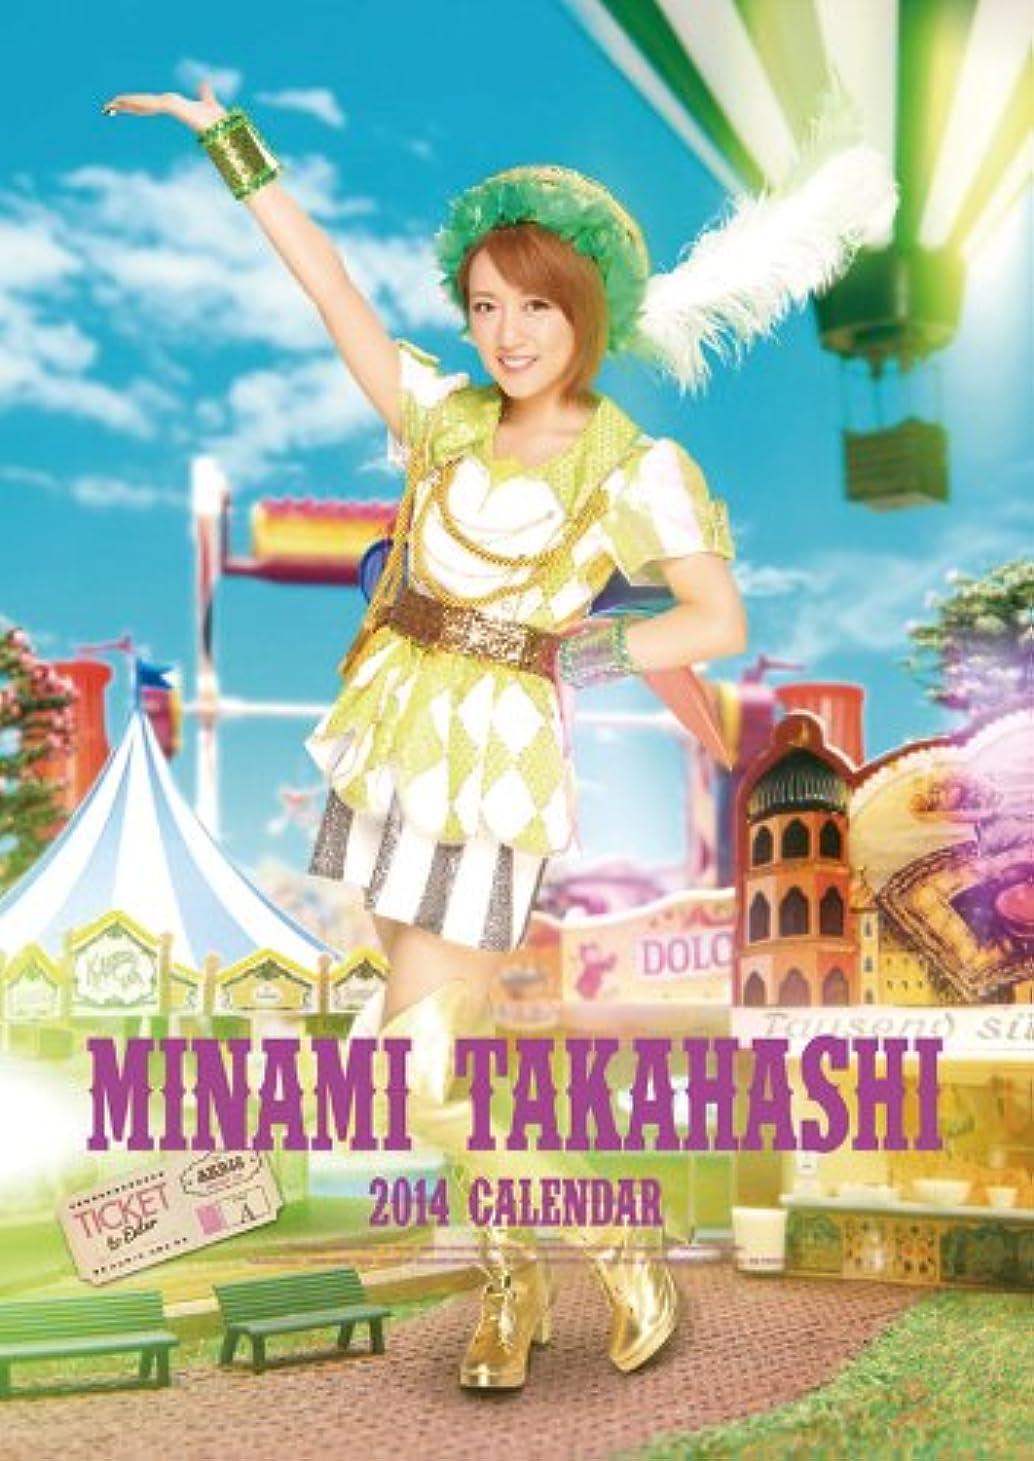 疑問を超えて収穫ペレグリネーション(壁掛)AKB48 高橋みなみ カレンダー 2014年